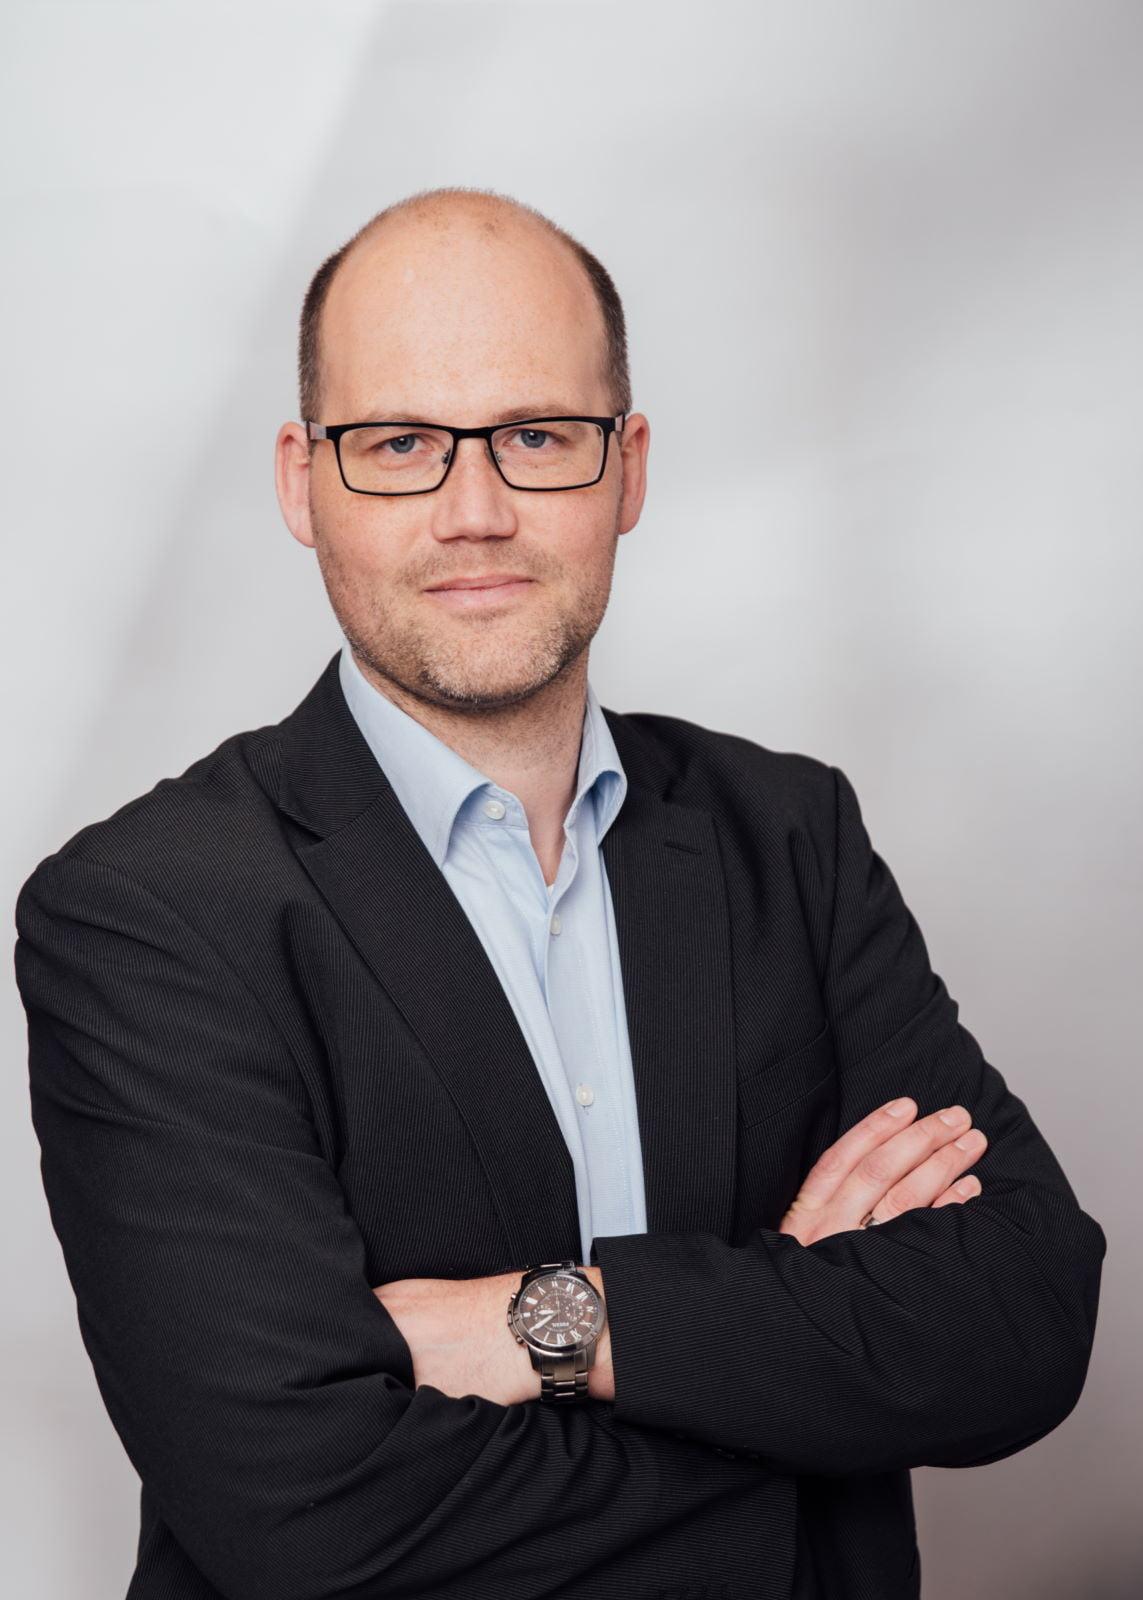 ESD Schutz Interview mit dem Experten Matthias Päselt